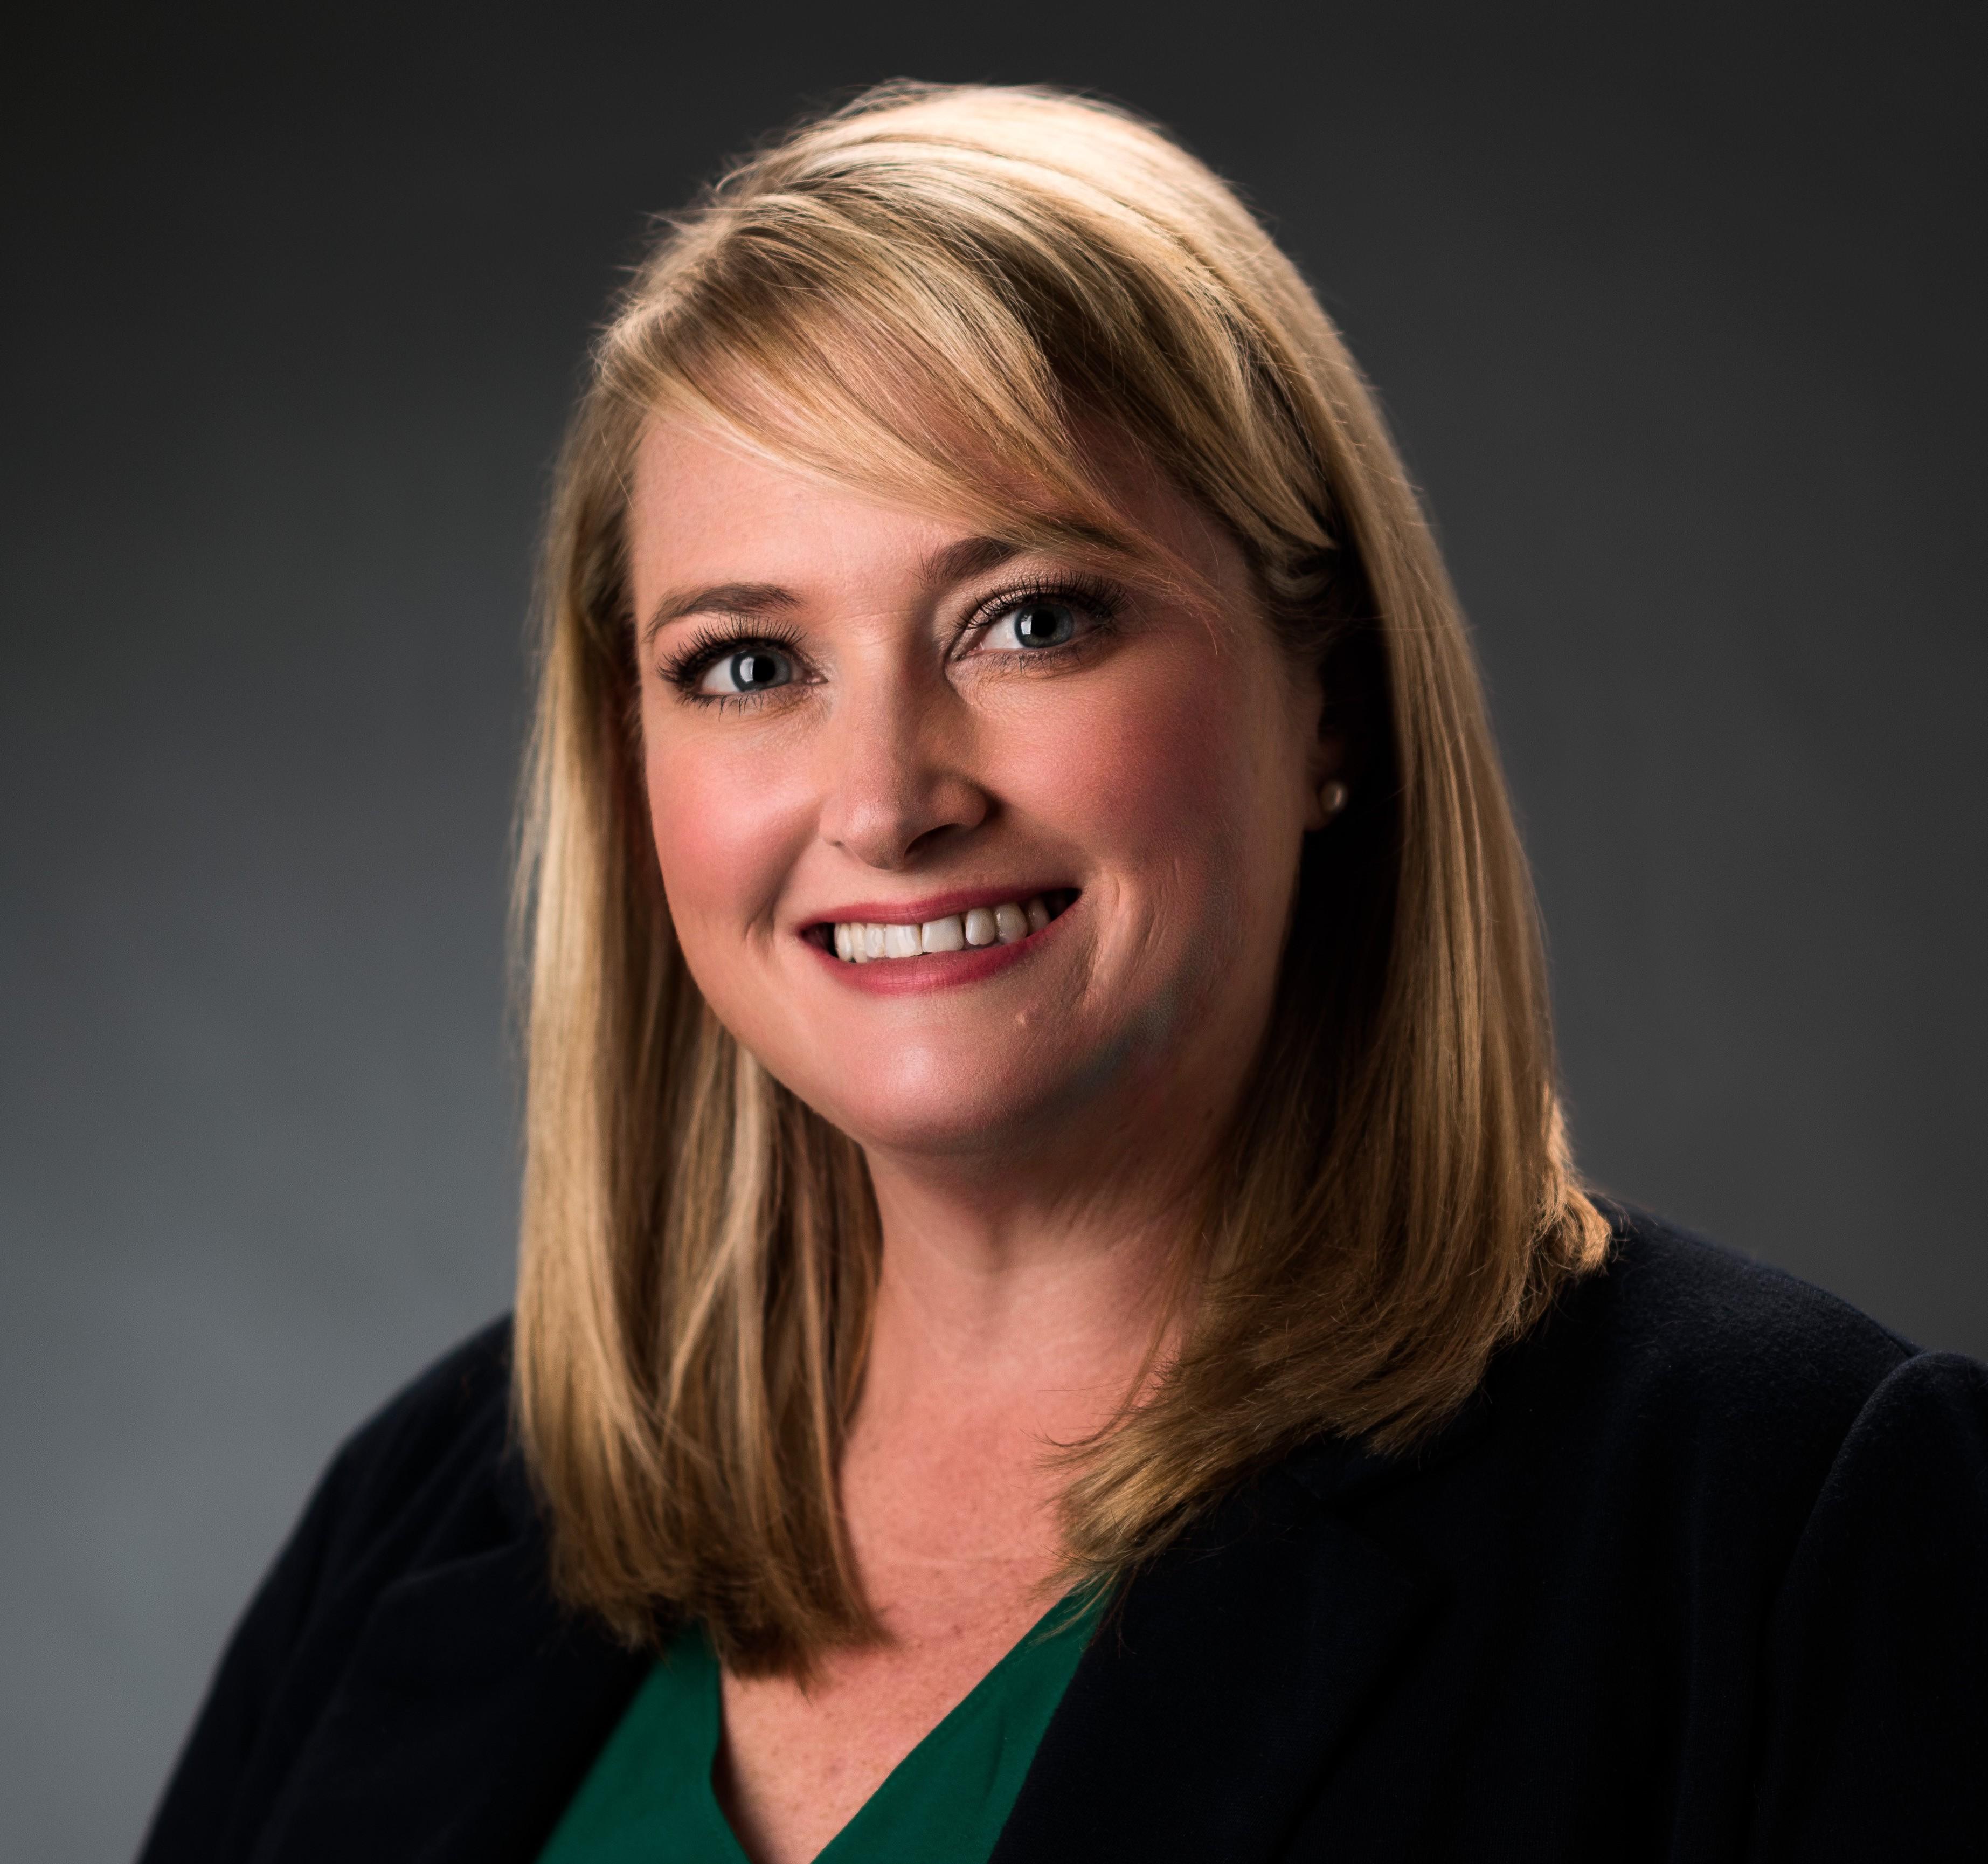 Erin Luby - Vice President, Wine Club & Tasting Room Operations, Vintage Wine Estates